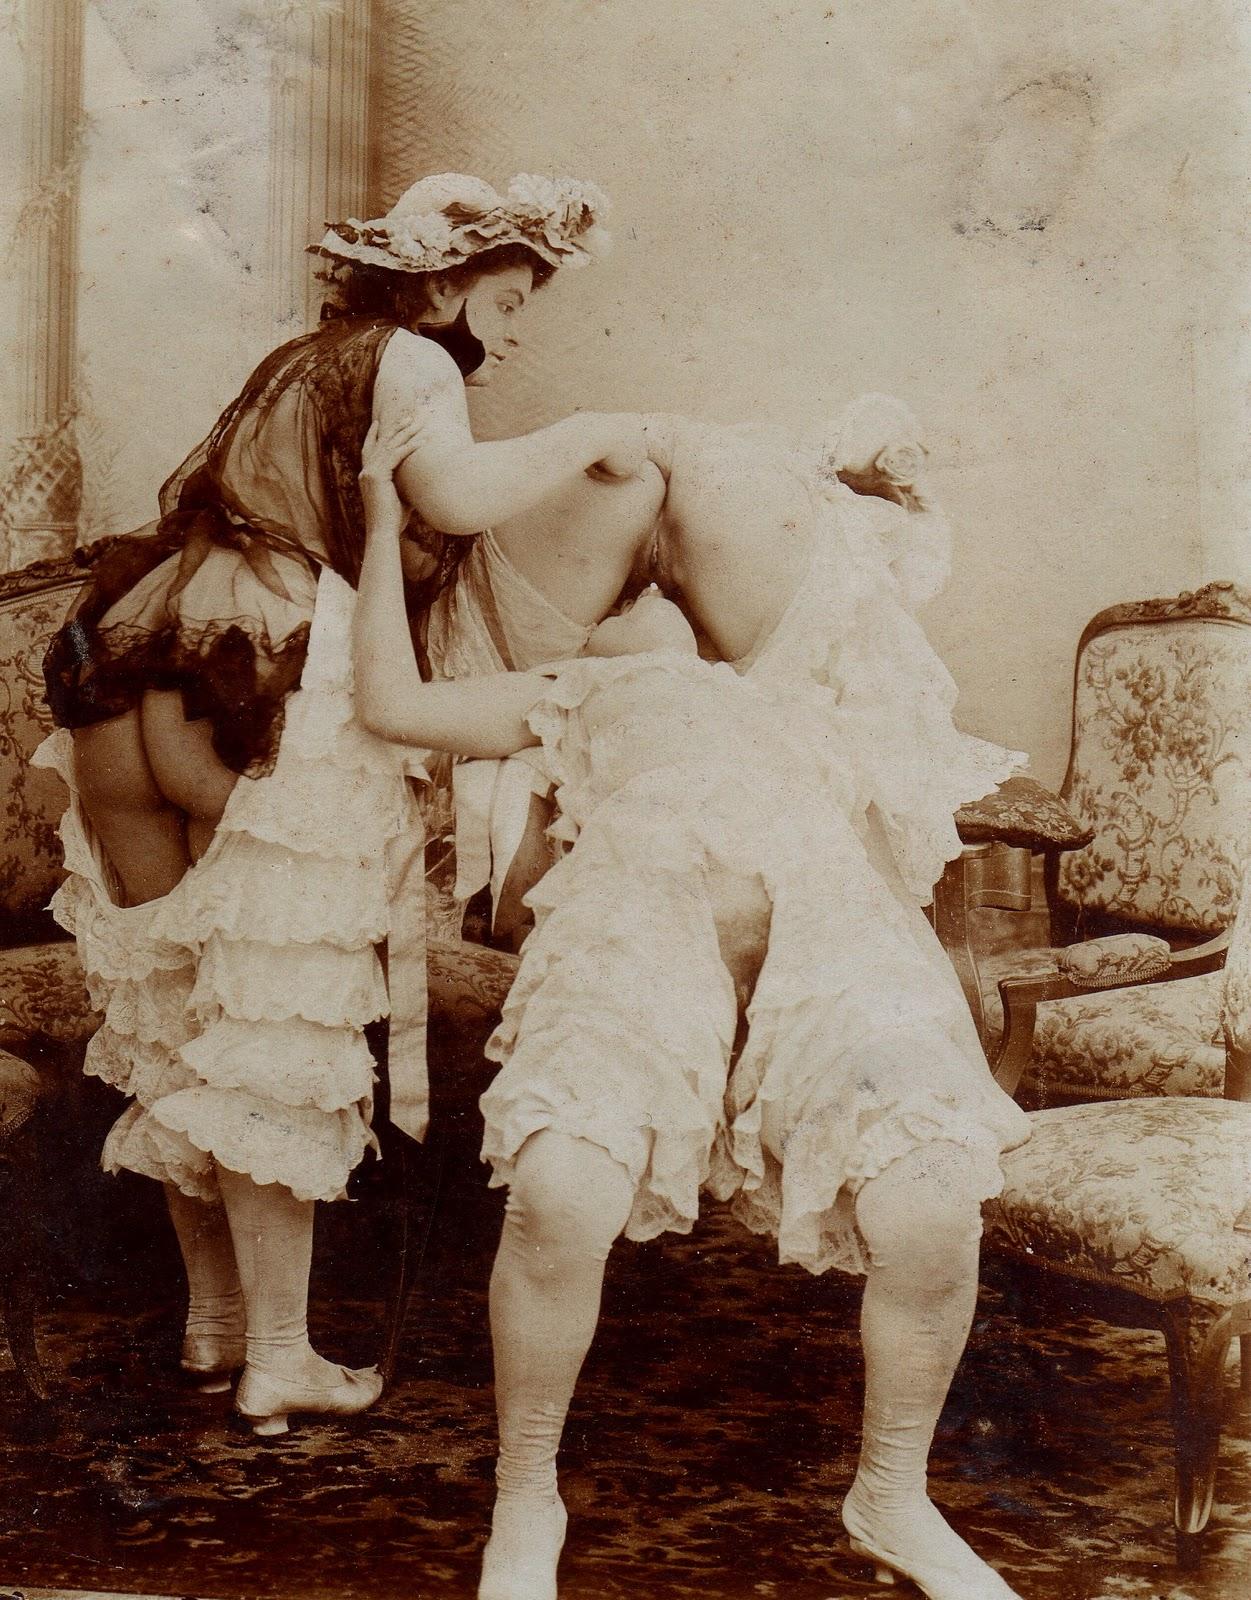 Vintage victorian era porn